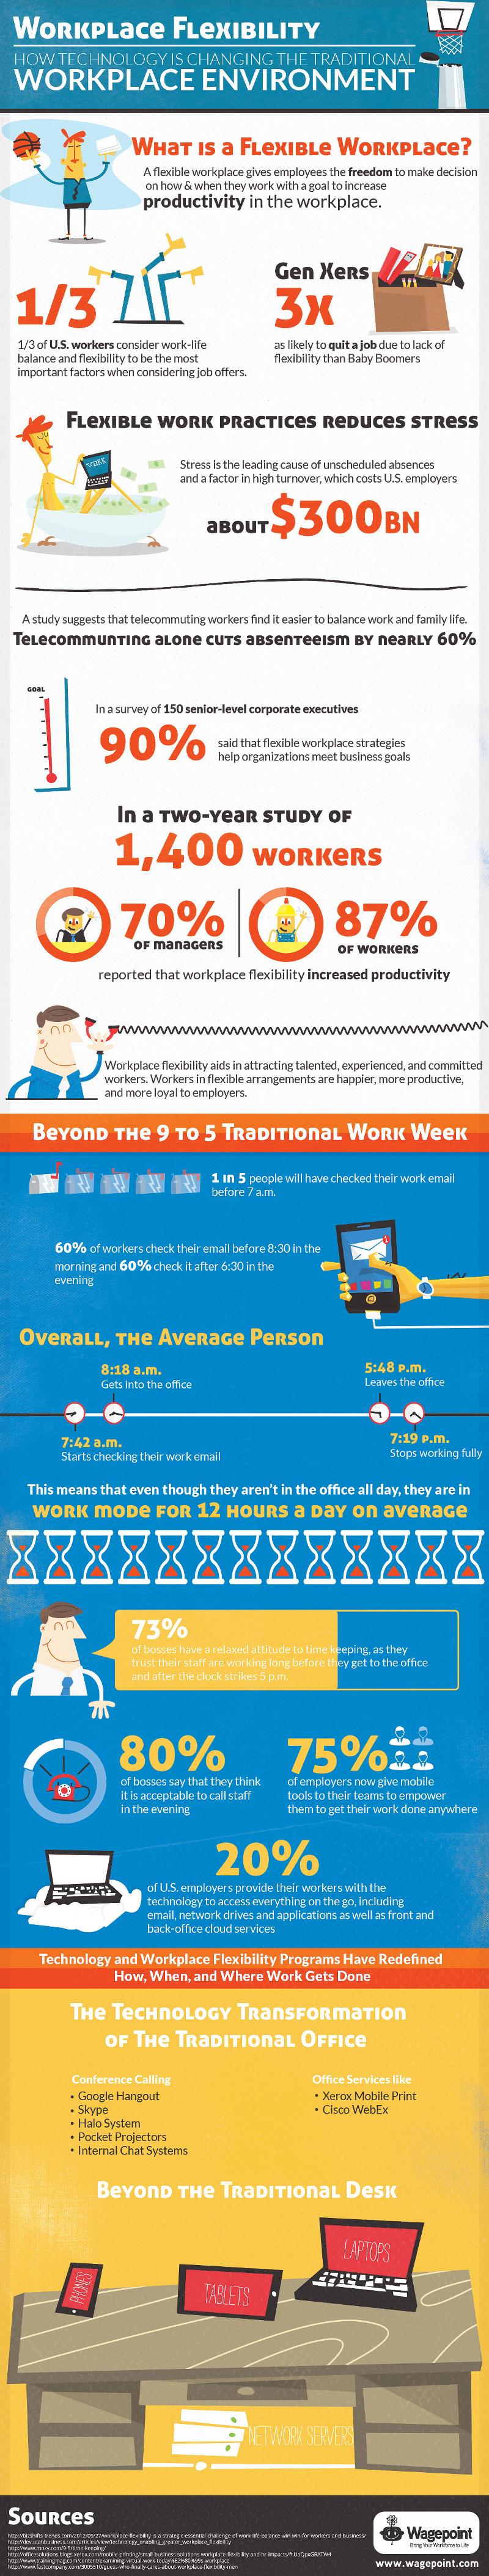 Workplace Flexibility Statistics